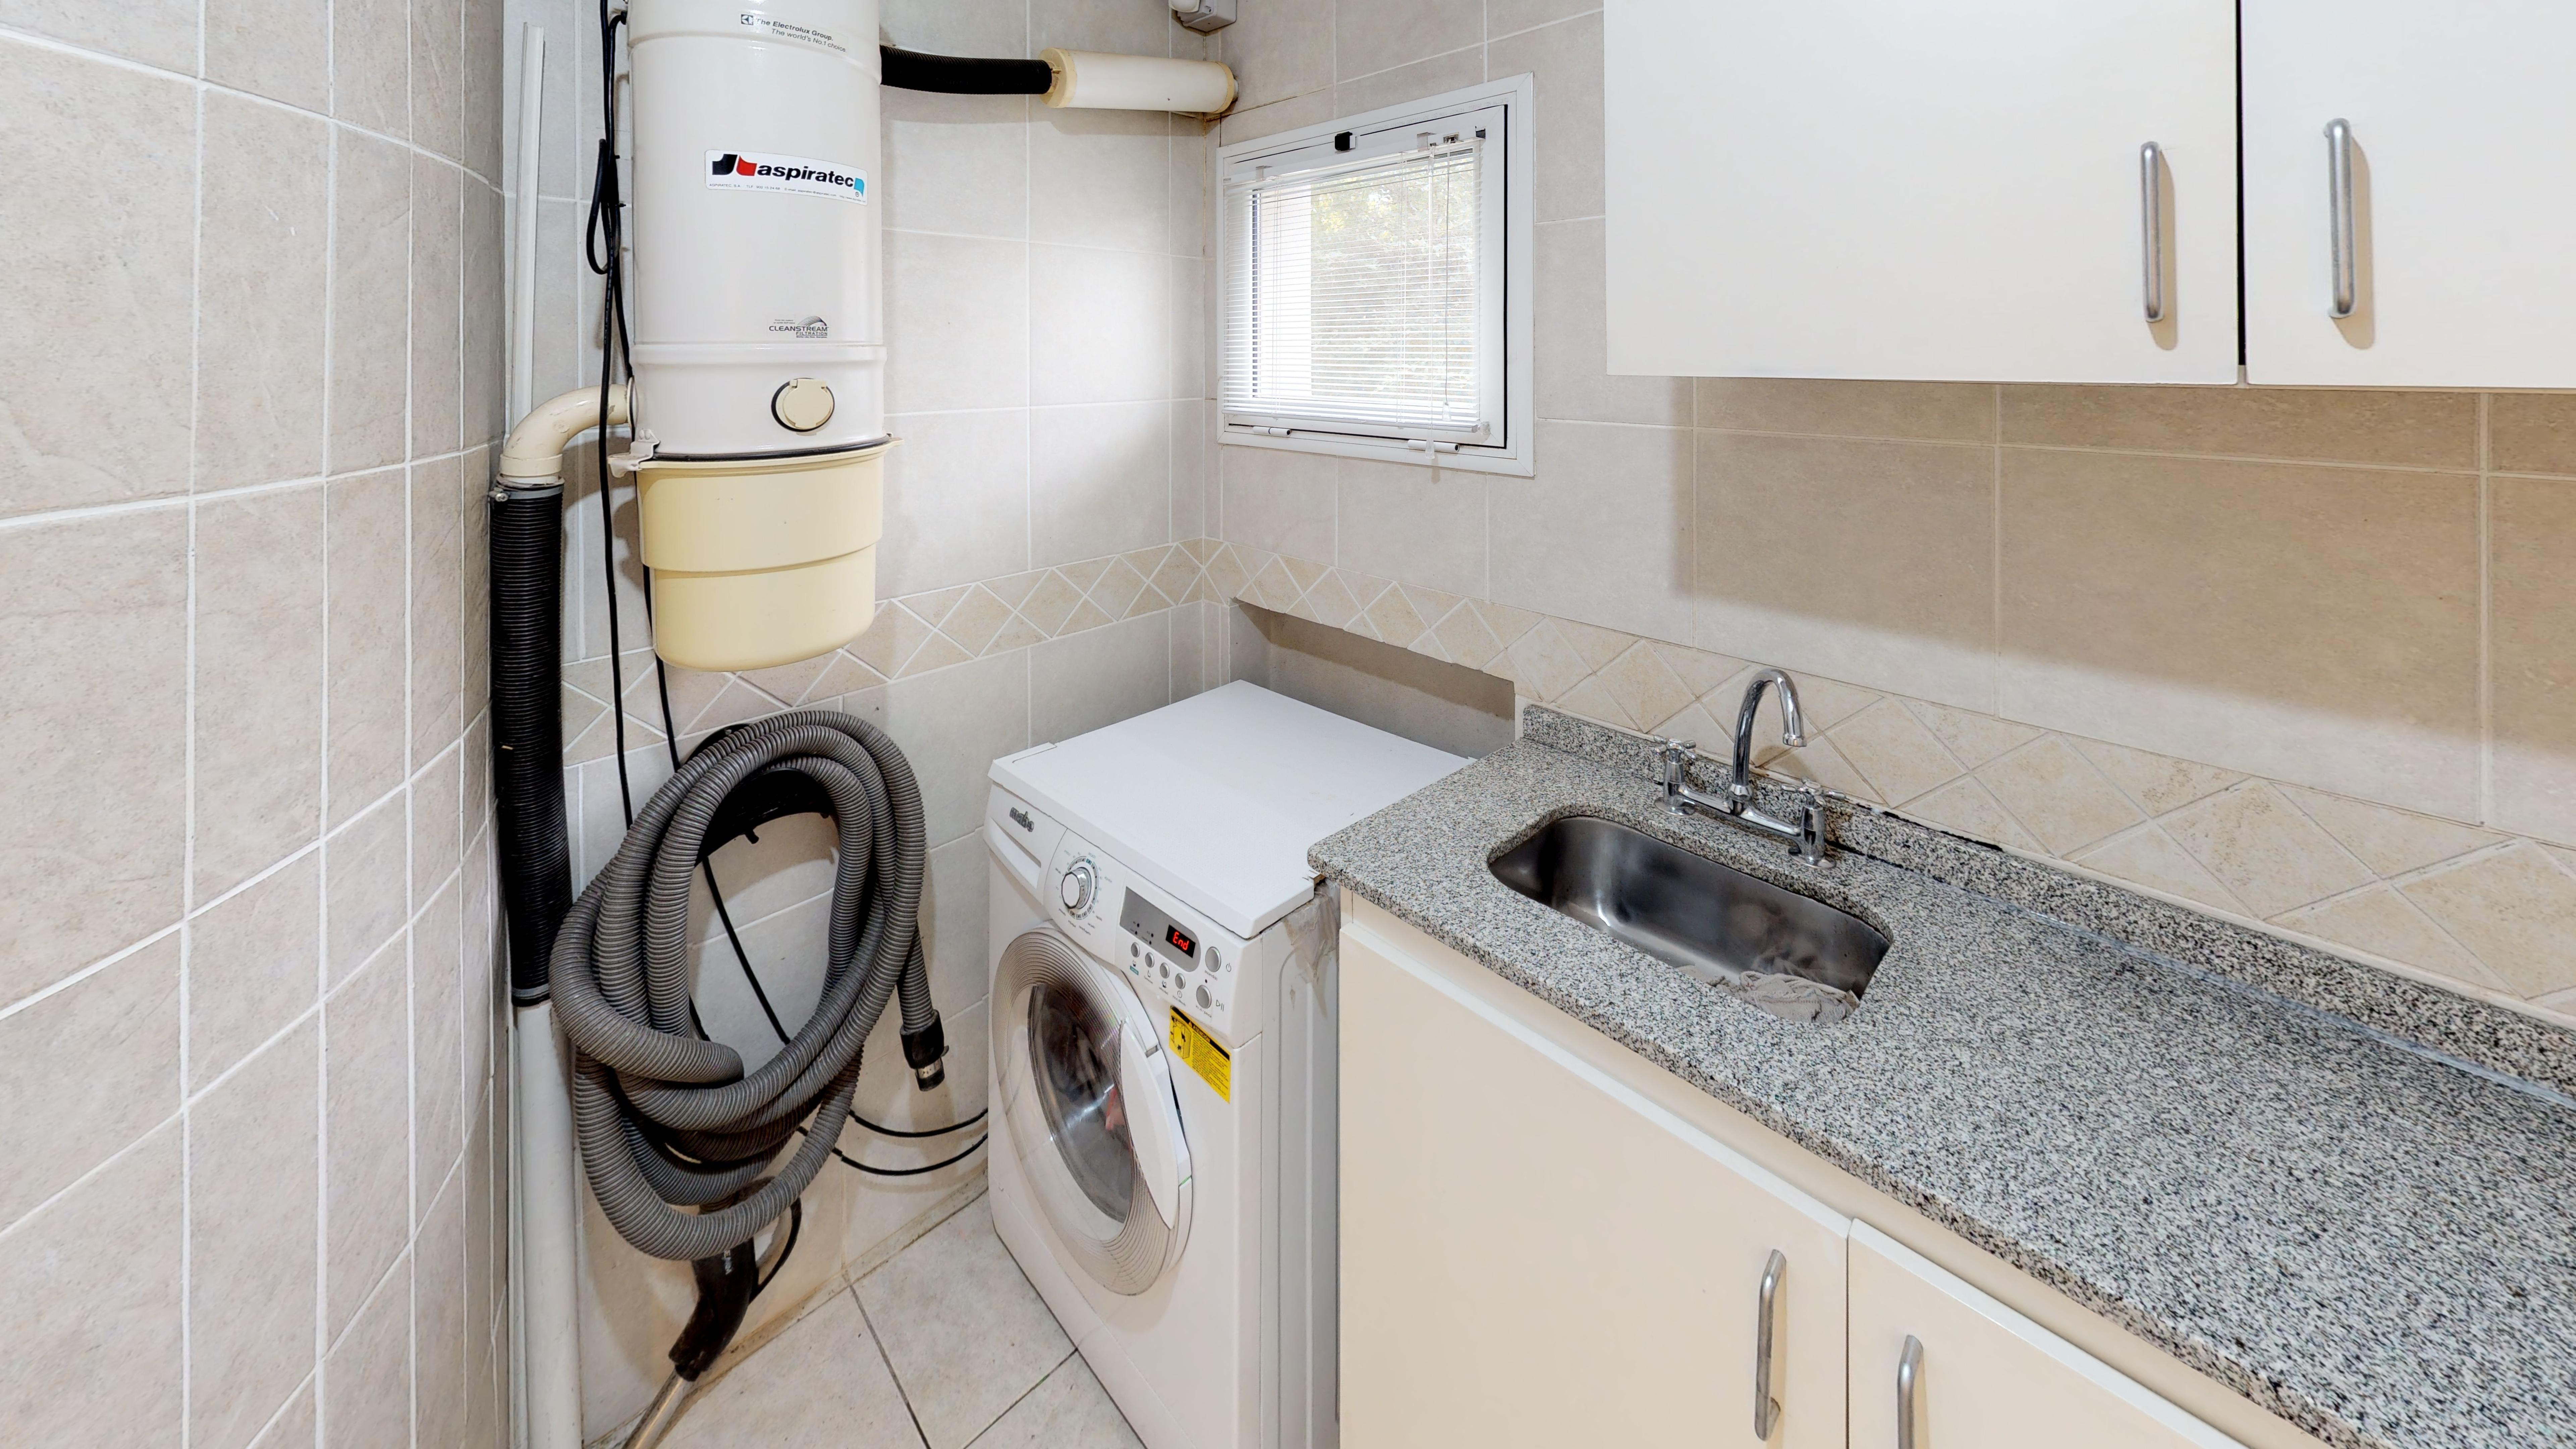 Cuarto de lavado y caldera